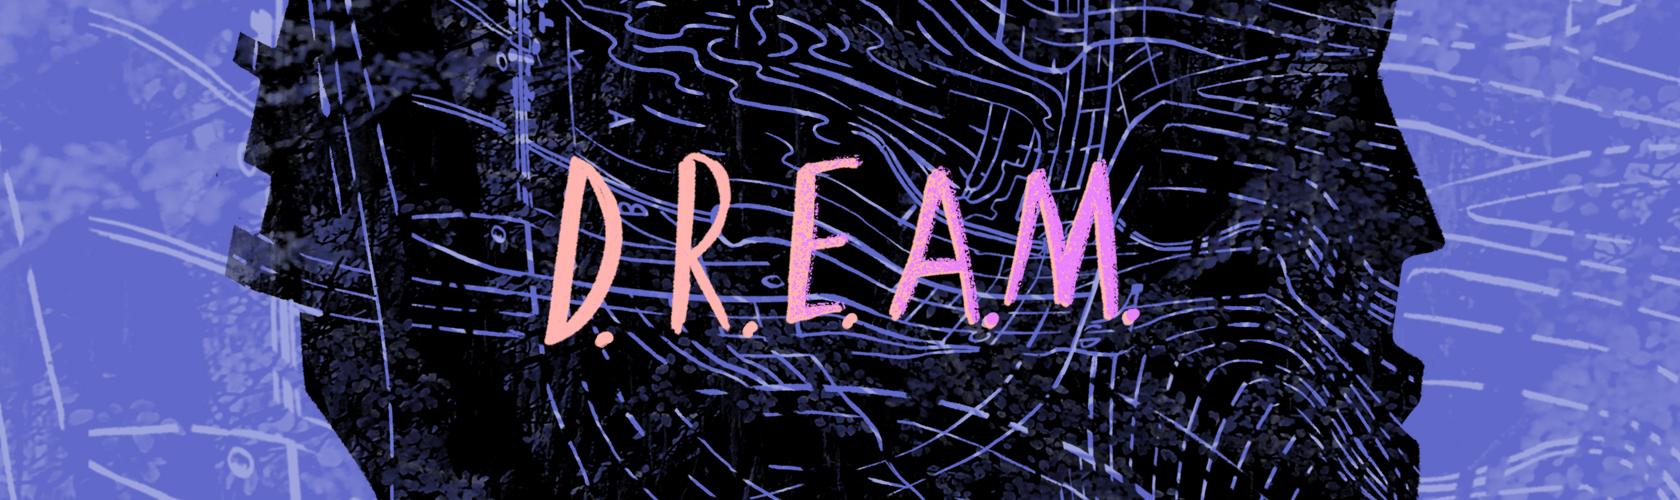 D.R.E.A.M. #1: Waiting To Respawn